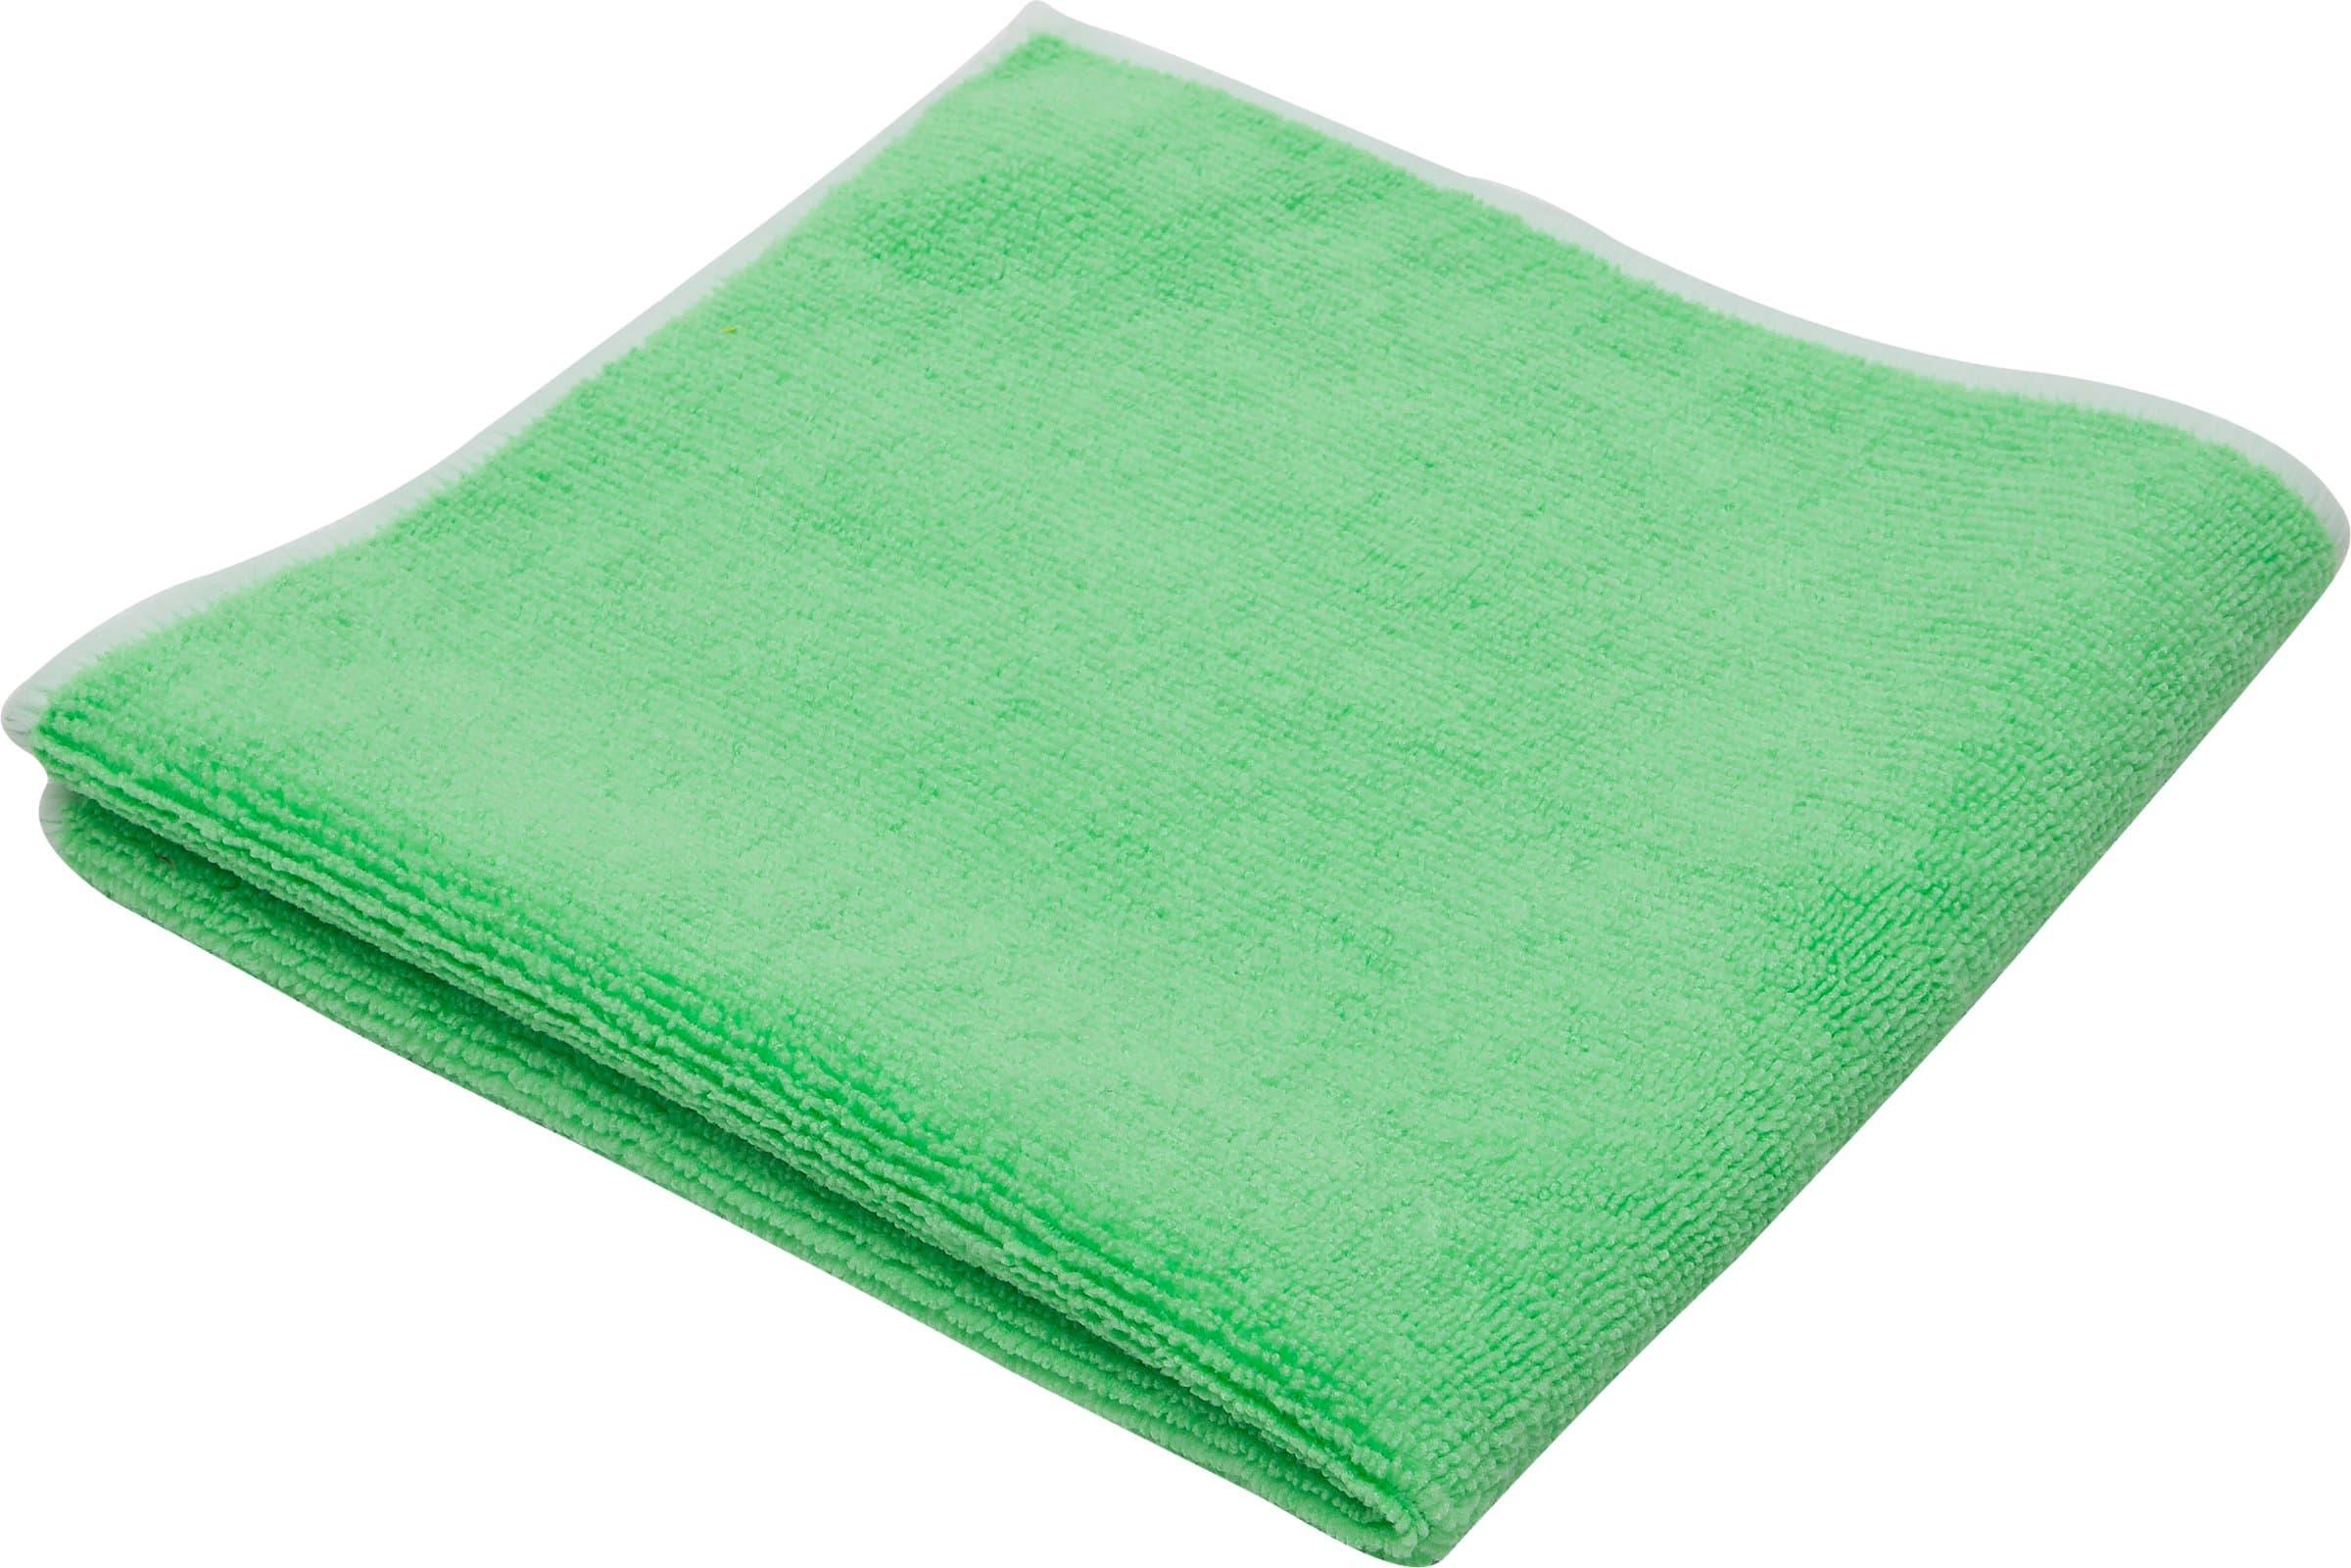 Miocar Serviette de nettoyage